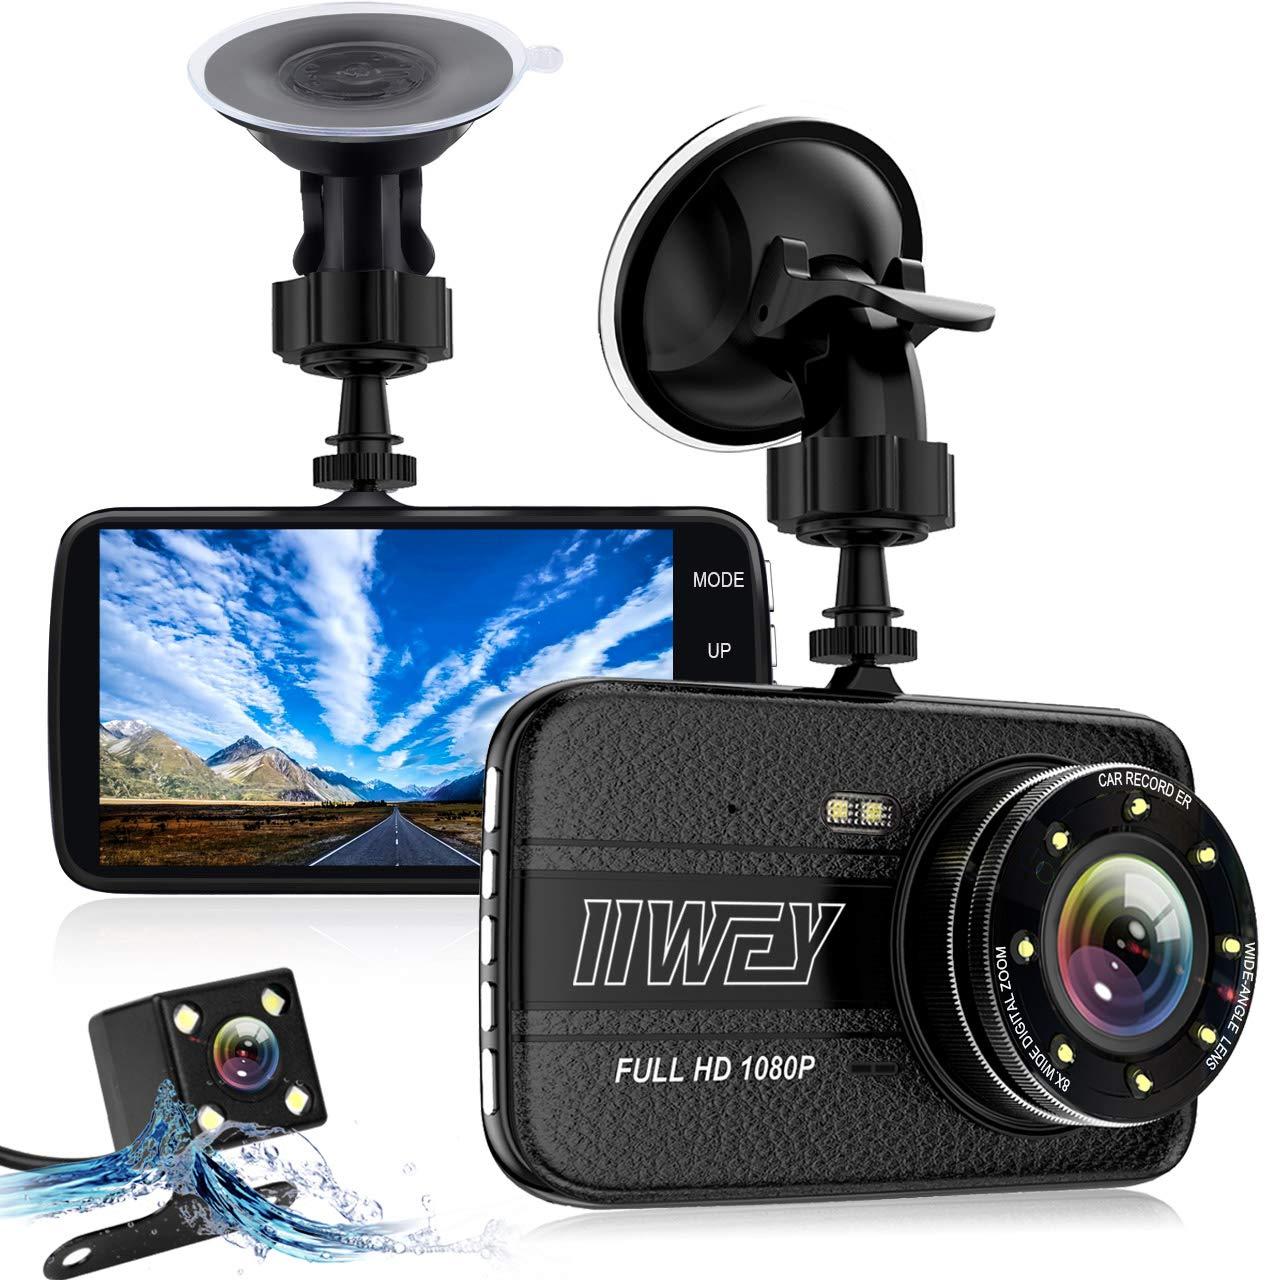 デュアルダッシュカムフロント&リアカメラ、ナイトビジョン対応車用8 Ledライトダッシュカメラ、1080 P 4インチアルミ合金軽量ボディカーカメラ、IPSスクリーン、170広角、ループ録画、Gセンサー   B07LD3DMDS